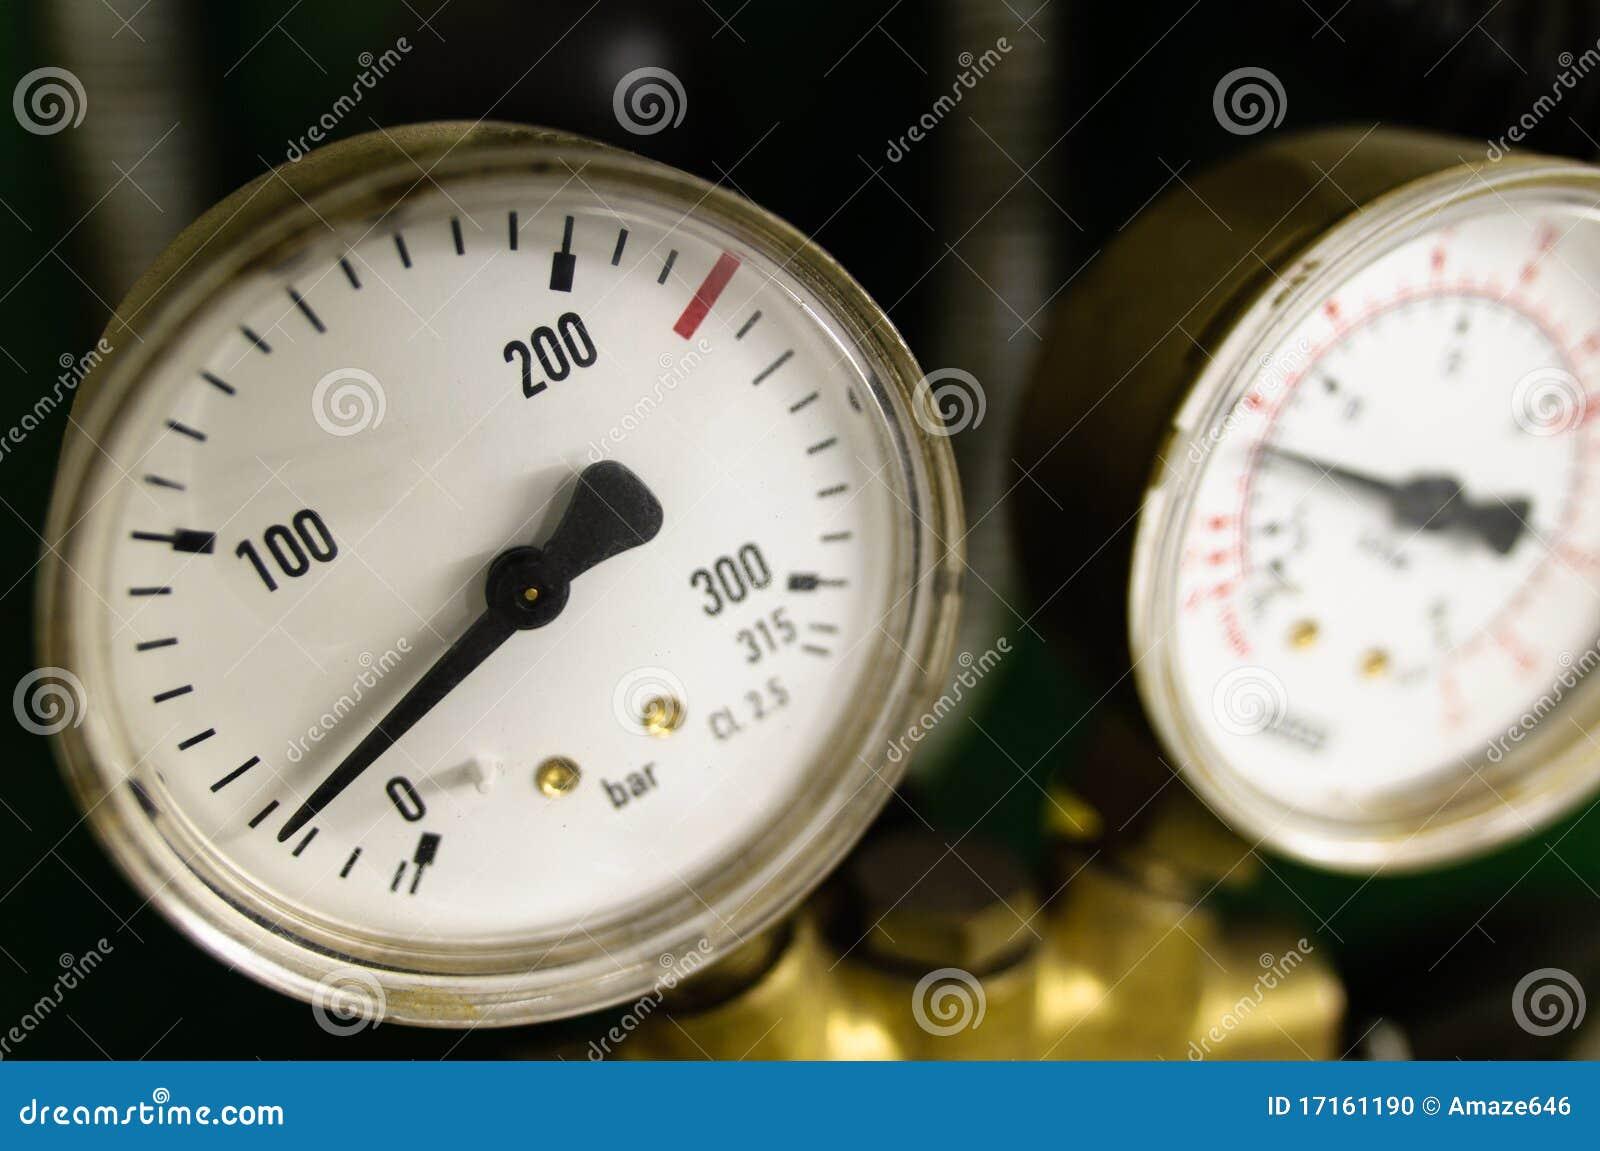 Scale för lufttryck